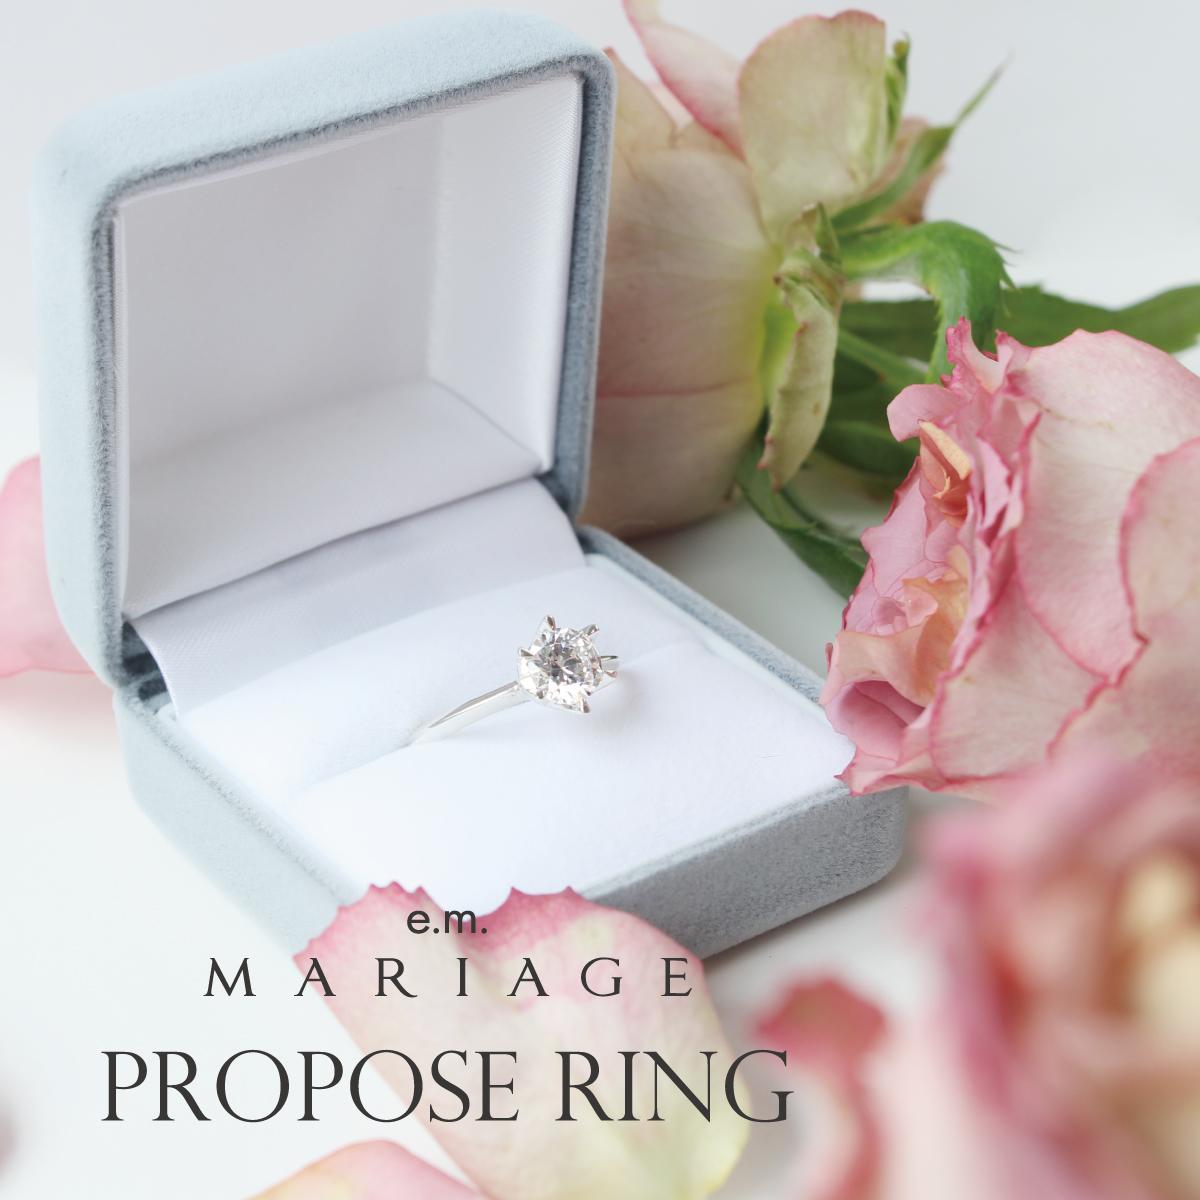 ジャンティールスタッフブログ「プロポーズはいつするの? -記念日に間に合うプロポーズリング-」